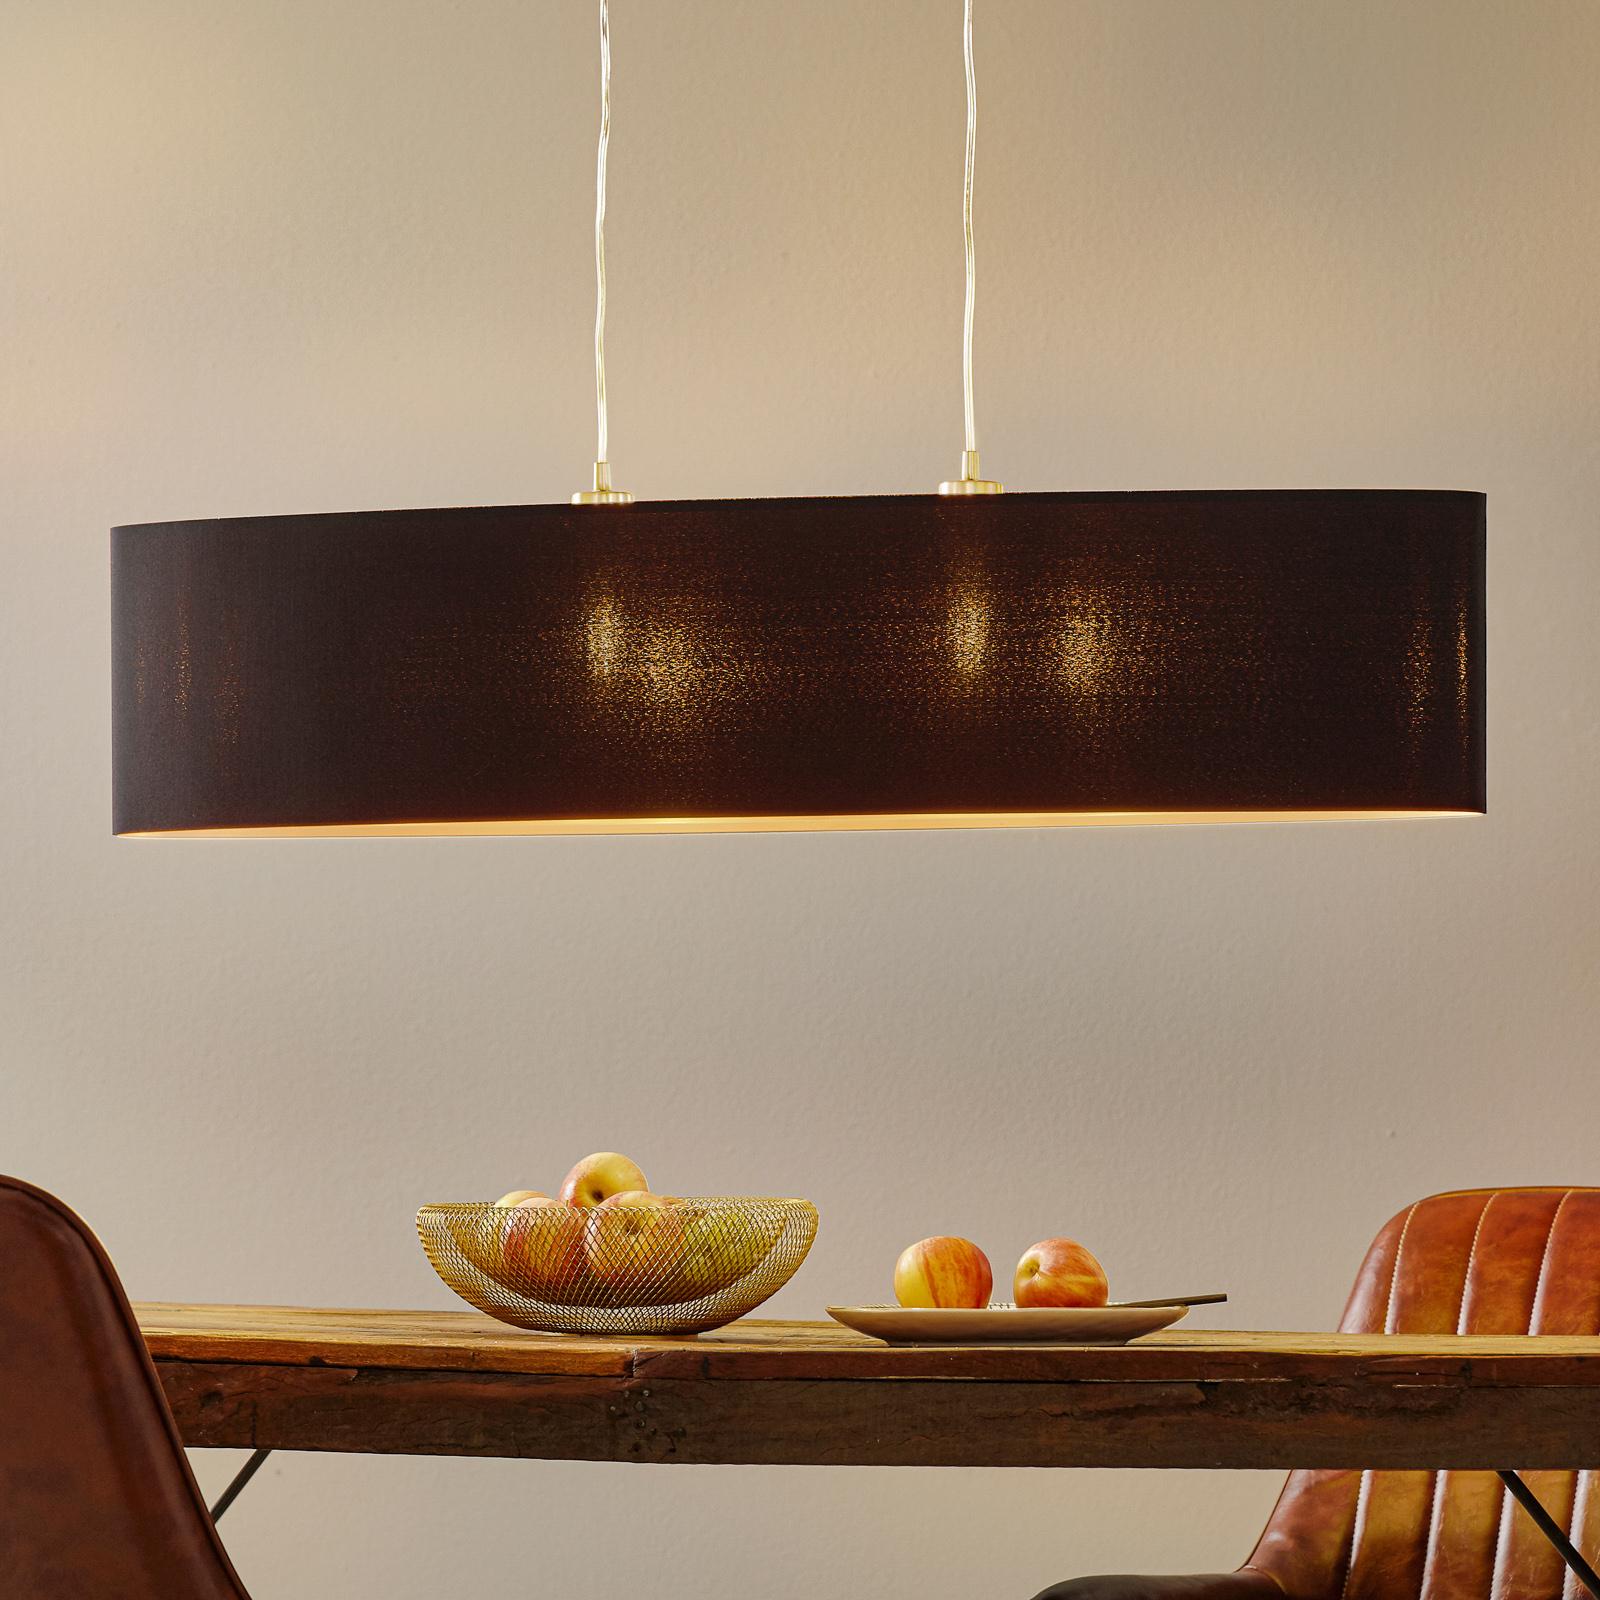 Textil-Hängeleuchte Lecio, oval, 100 cm, schwarz